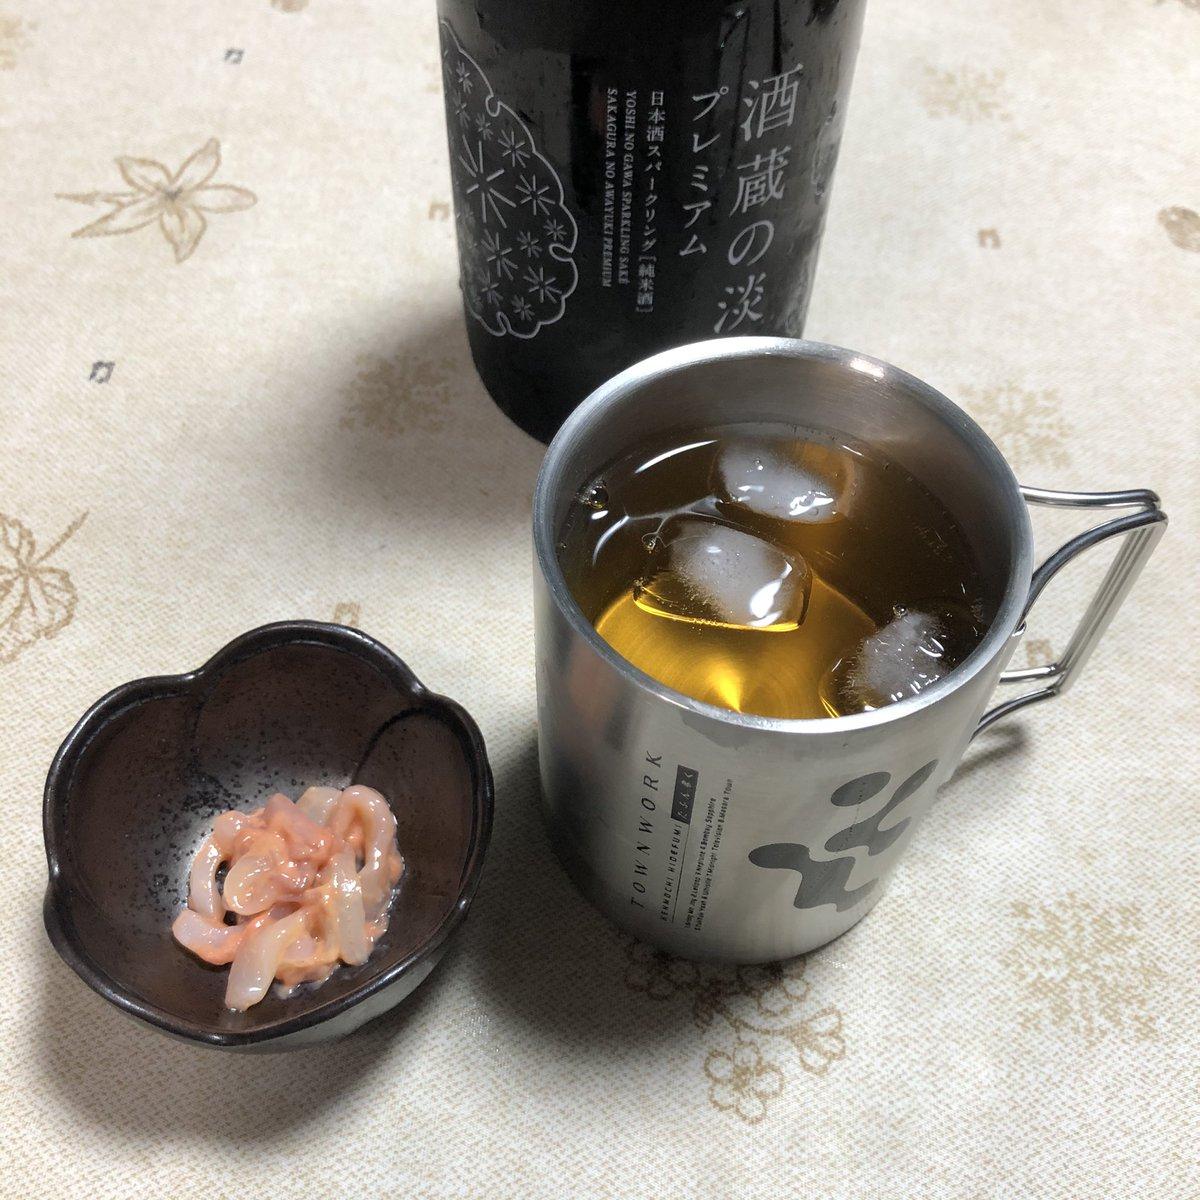 早速飲む 上品な塩辛 追加でたくあんをポリポリと 金属の匂い 赤霧で漬けた梅酒にスパークリング日本酒を混ぜて飲んだ 夜中なのにー #料理 #おつまみ #酒の肴 #お酒 https://t.co/R1dJp2w7sG